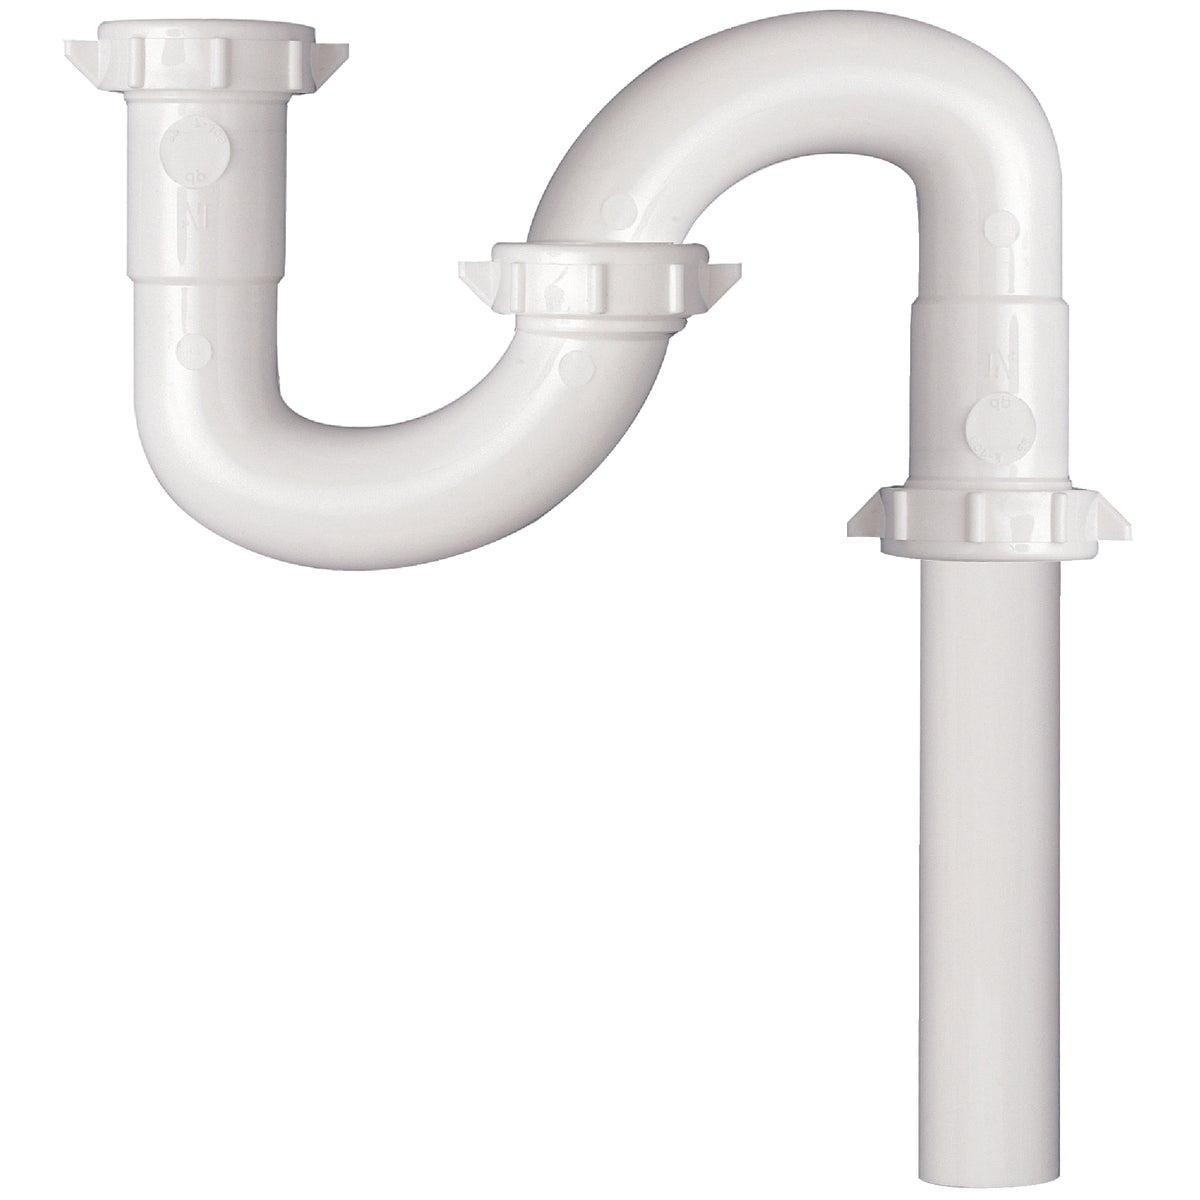 1-1/4 WHT PLASTIC S-TRAP